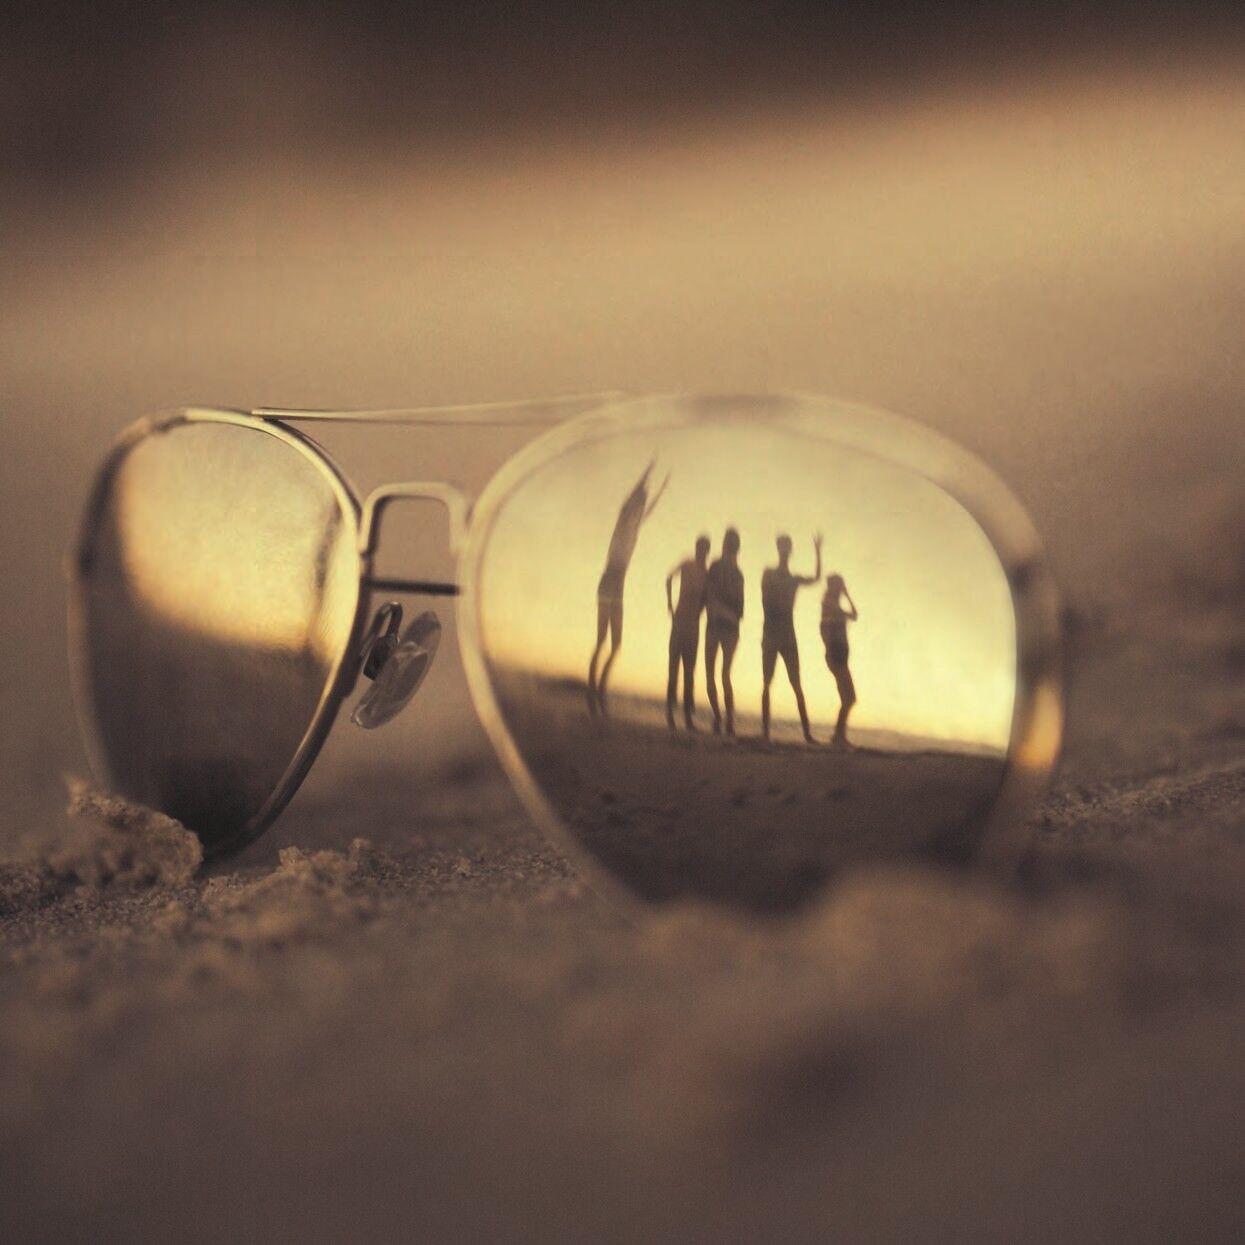 NIKAweb 1.50 Sonnenbrillengläser 75% Tönung R-HMC Kunststoff Brillengläser